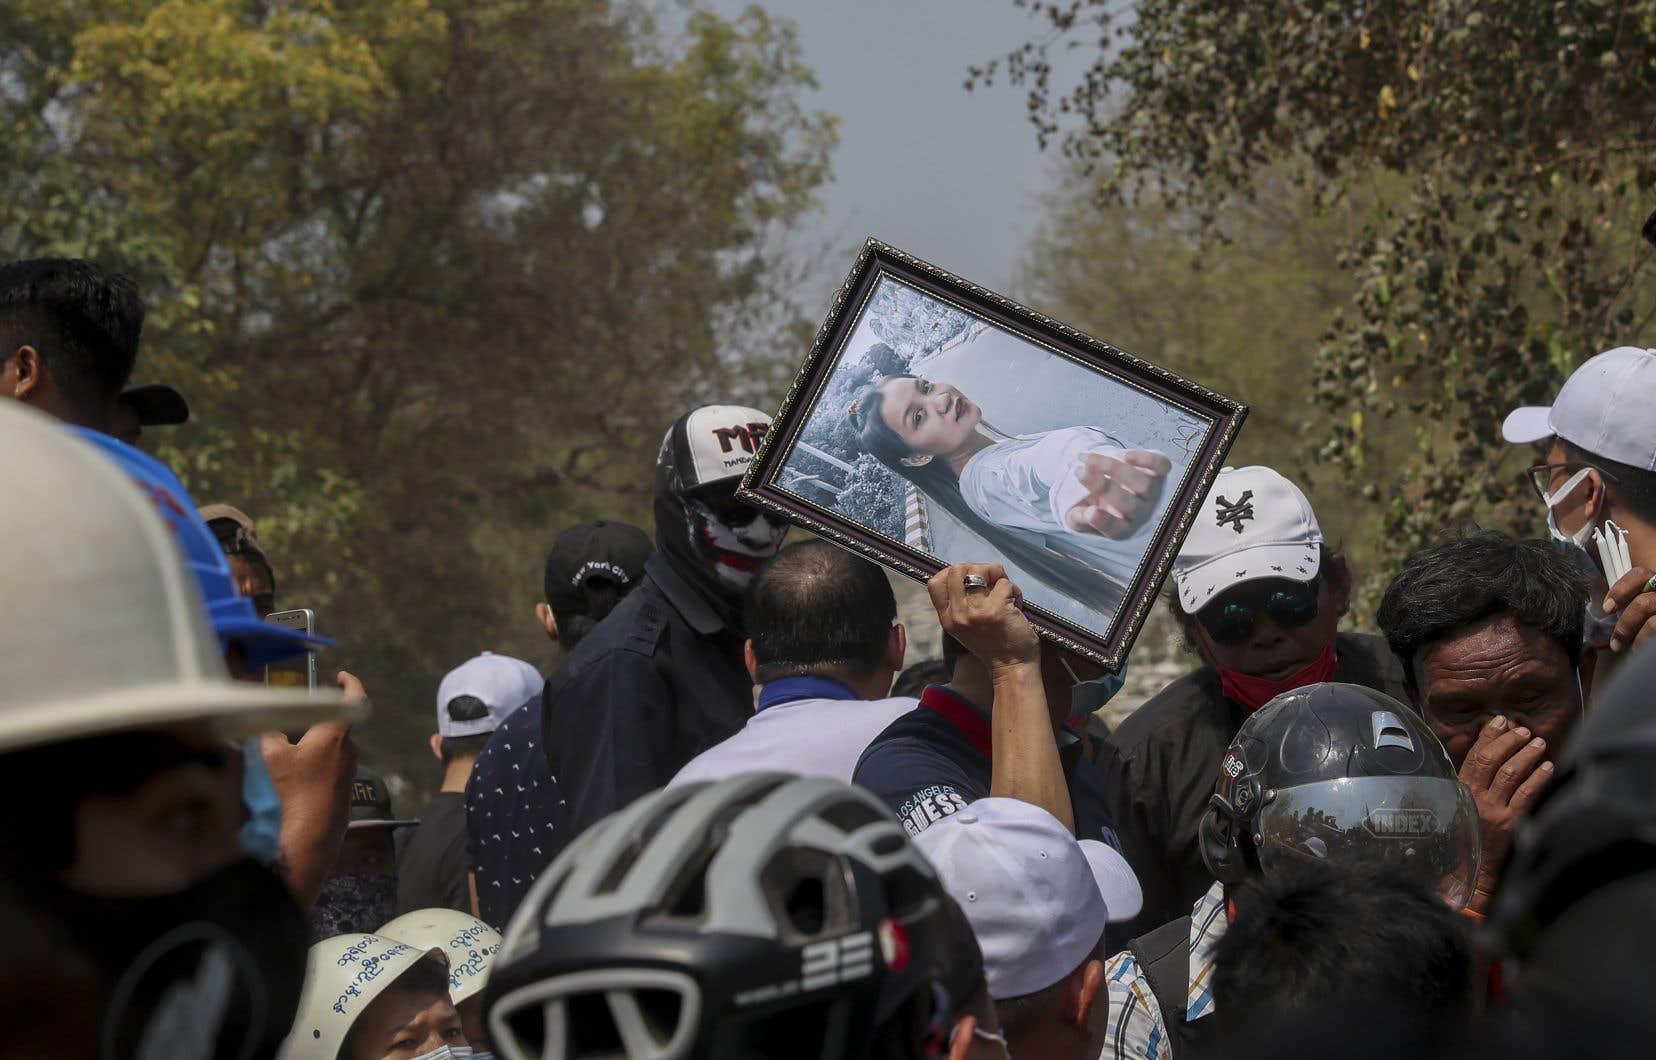 Une foule très importante a participé jeudi à Mandalay aux funérailles d'une jeune femme de 19 ans,Kyal Sin, qui s'est éteinte la veille. «Il n'y aura pas de pardon pour vous jusqu'à la fin du monde», a scandé l'assemblée, réunie devant son cercueil entouré de fleurs.